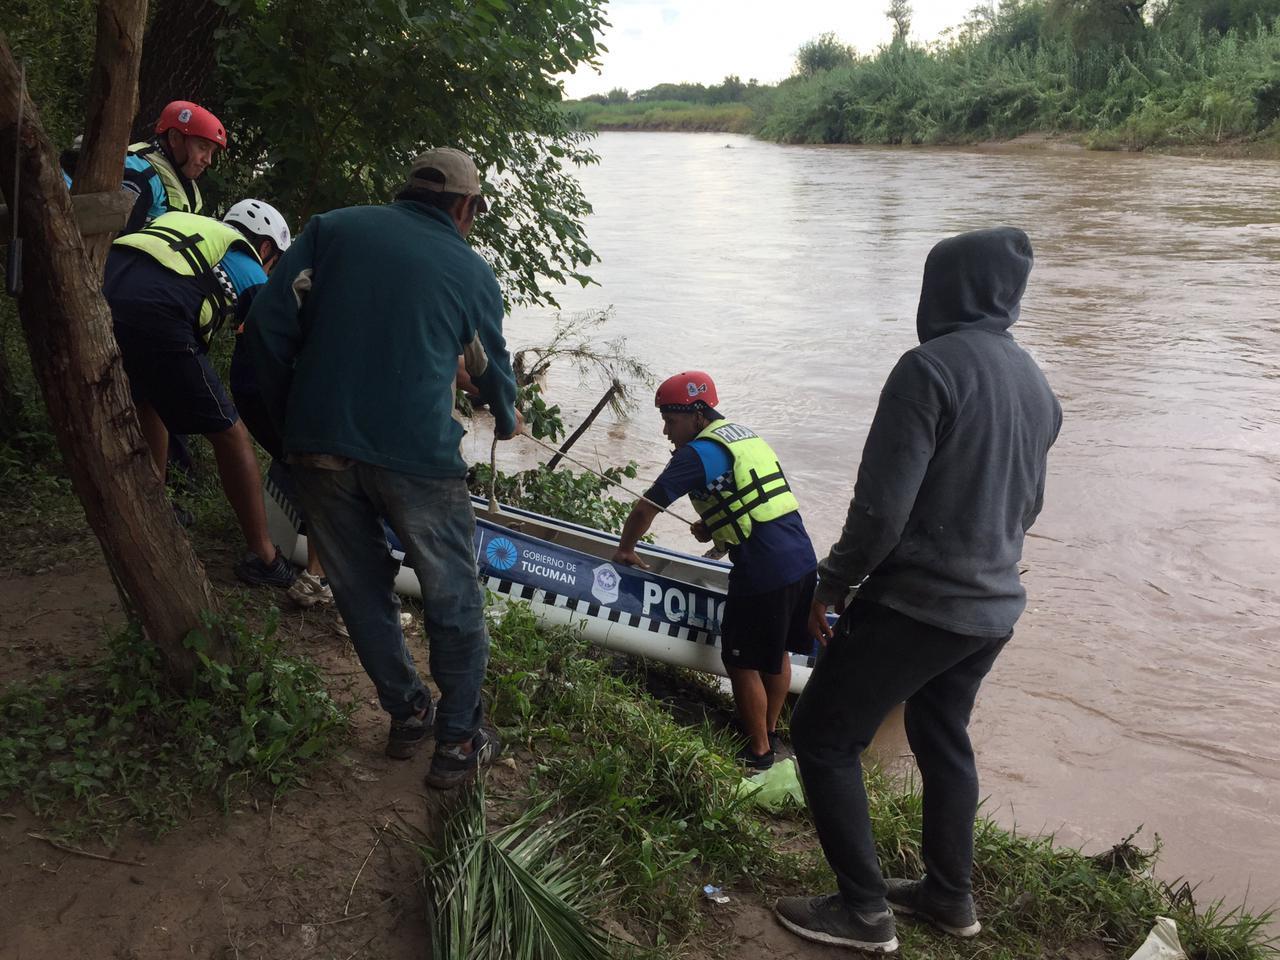 OPERATIVO DE BÚSQUEDA. Efectivos de la Policía Lacustre trabajan en el río para dar con Bolaño. Foto del Ministerio de Seguridad